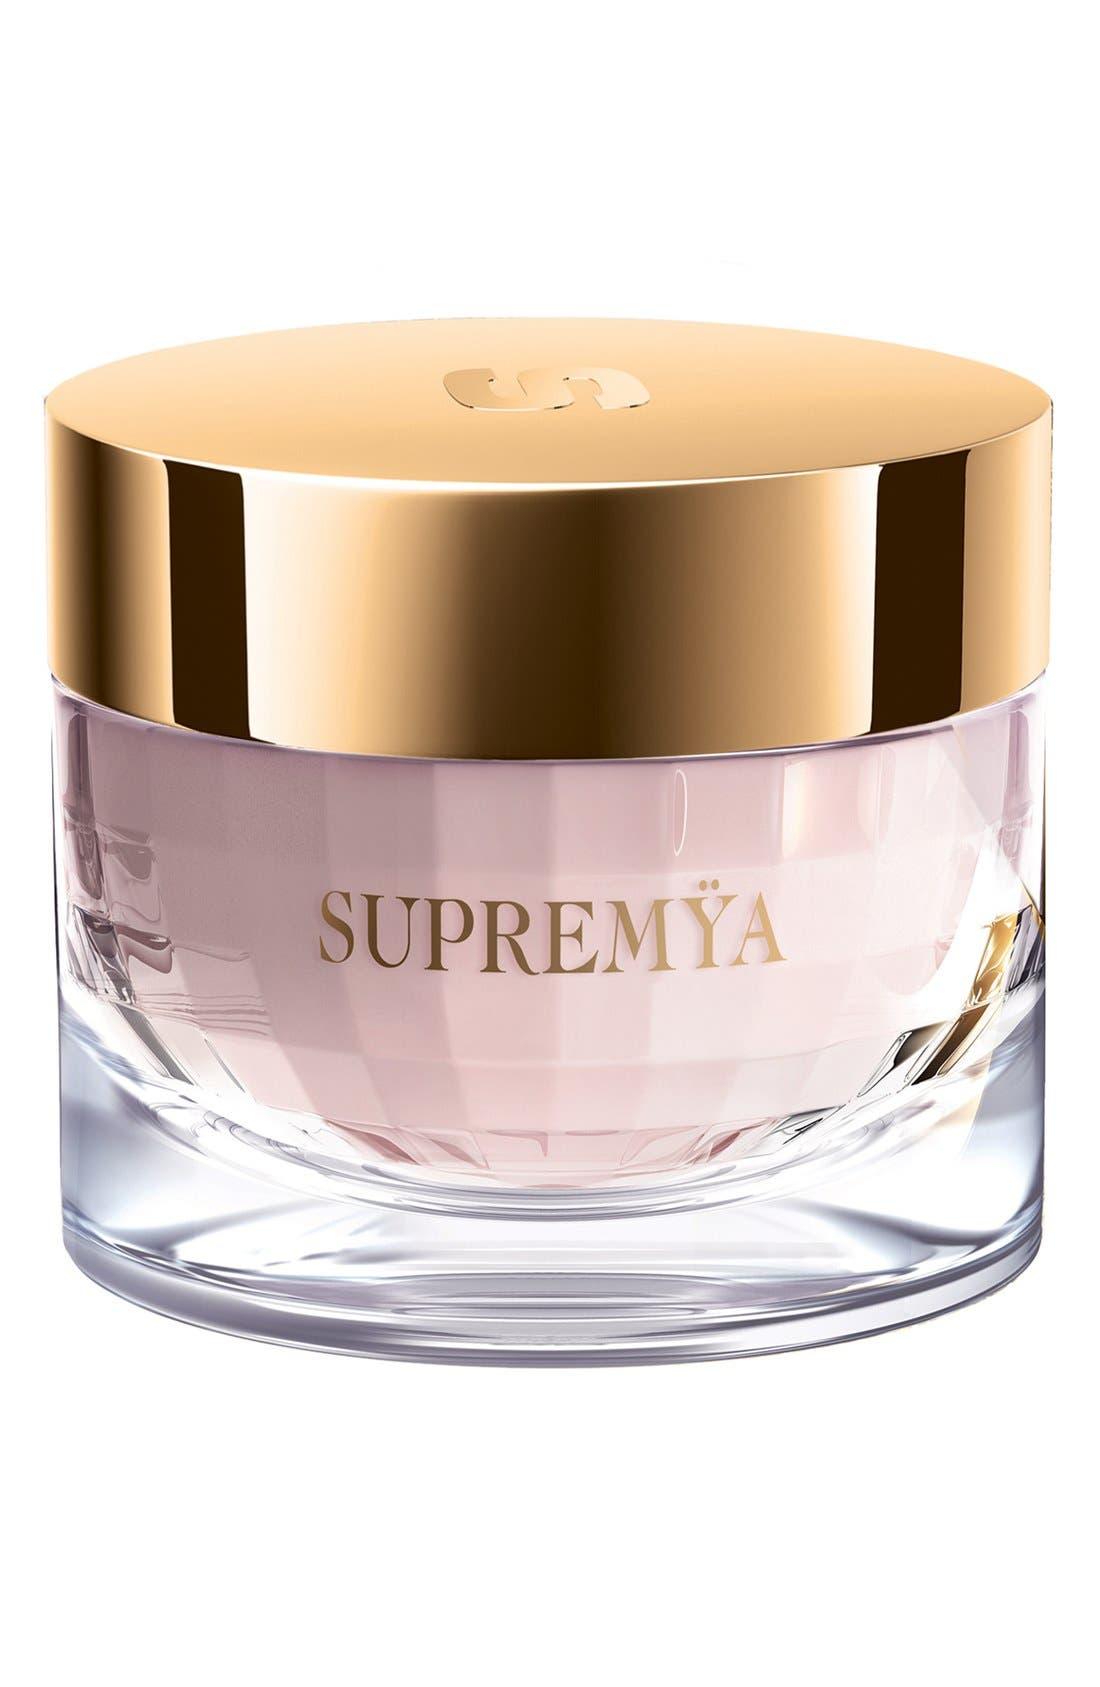 Supremÿa Cream at Night,                         Main,                         color, NO COLOR